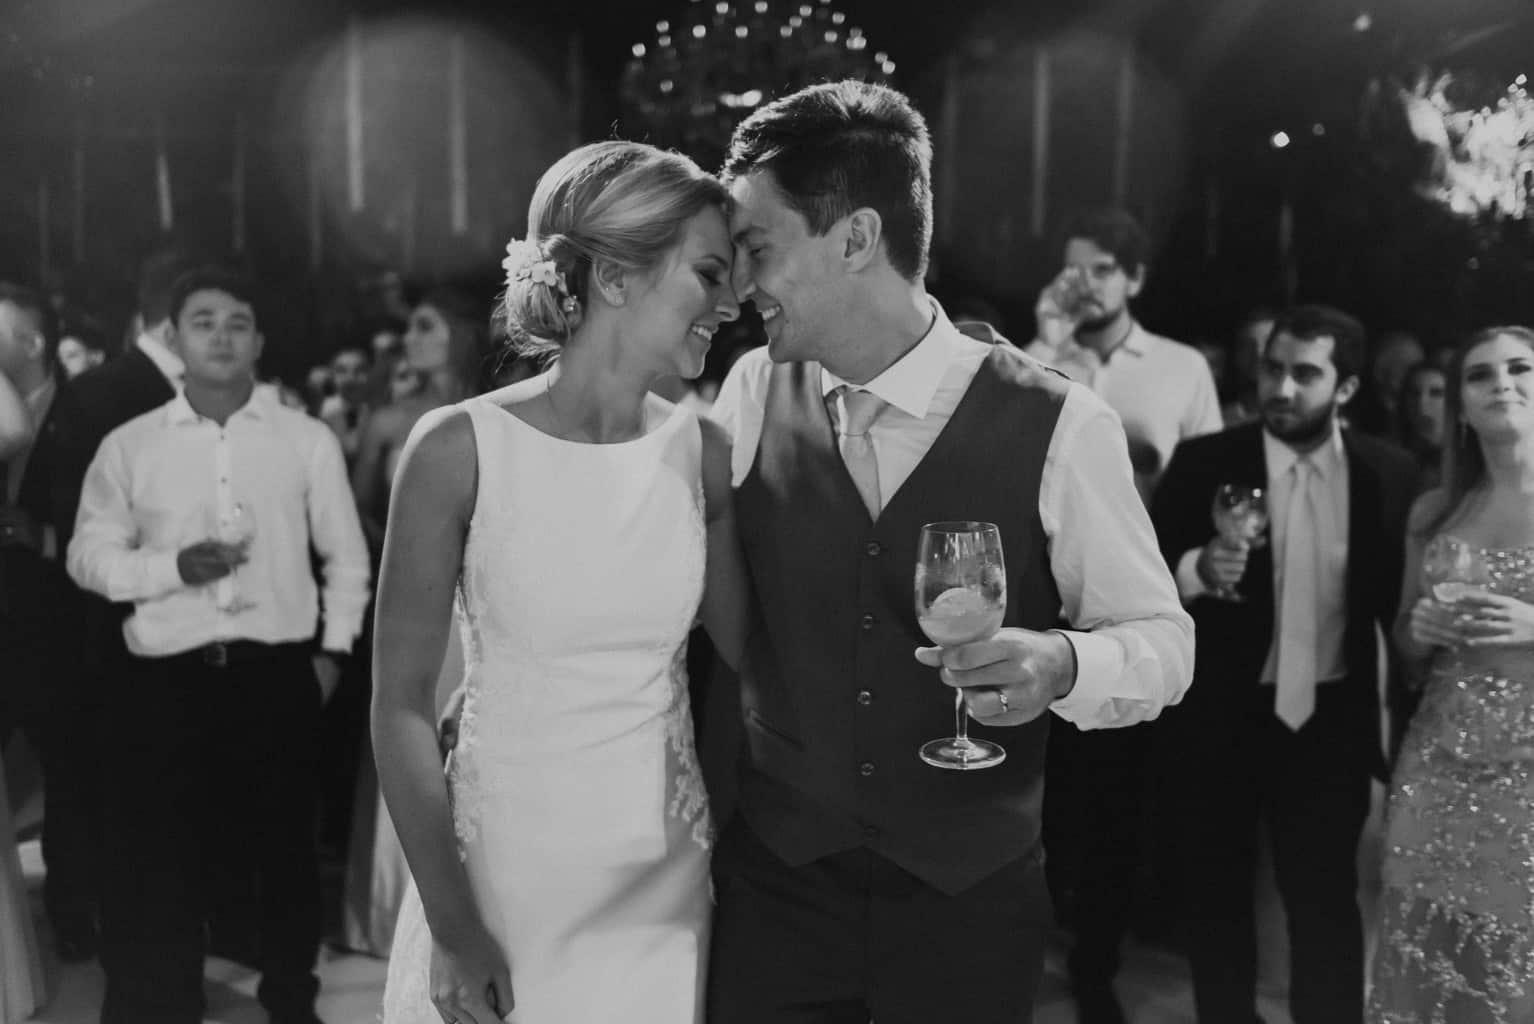 Braulio-Delai-casamento-Luciana-e-Eduardo-Cerimonial-Sandra-Colin-Fotografia-Mana-Gollo-fotos-dos-noivos-Igreja-Santa-Terezinha-e-Espaço-Klaine-pista27